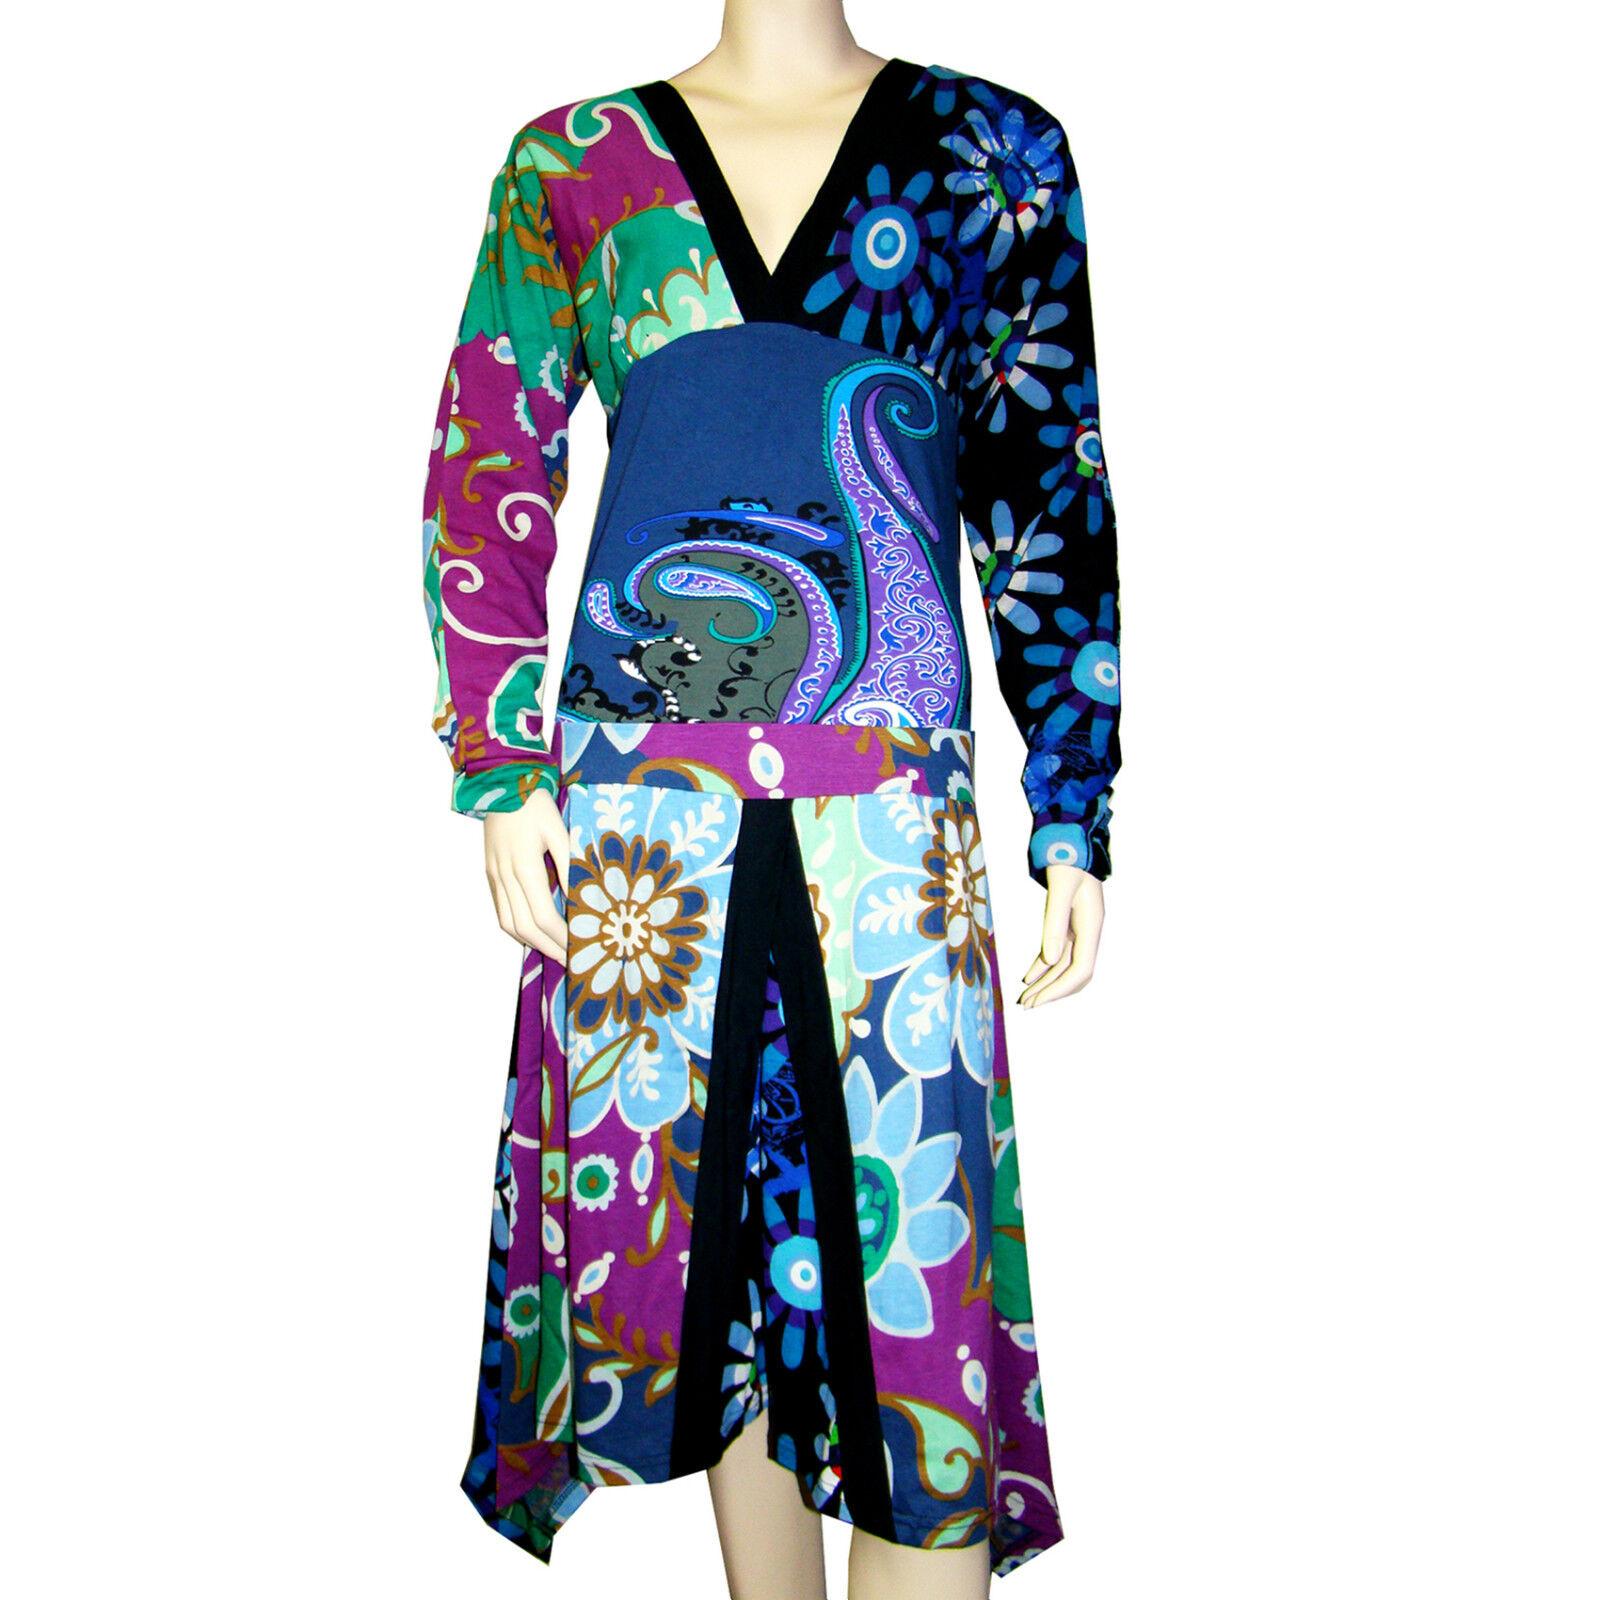 DESIGUAL robe VEST UNA FLOR dress Größe S  36-38 FR